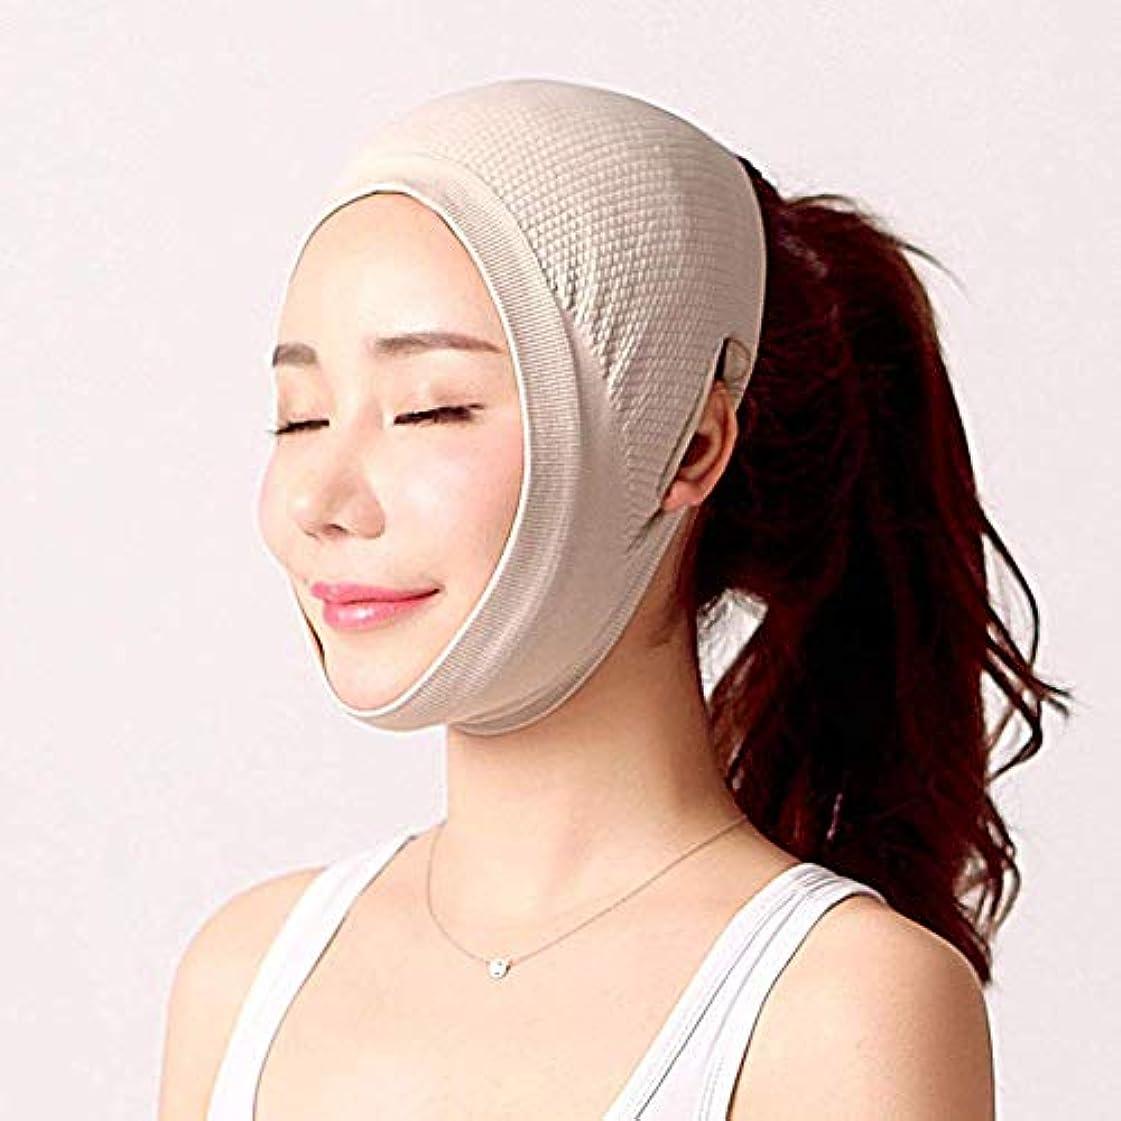 特別な崖新しい意味フェイスリフトマスク、Vリフトフェイスフェイスリフト包帯痩身あご頬マスク顔/Vフェイスラインフルフェイス痩身/二重あご通気性